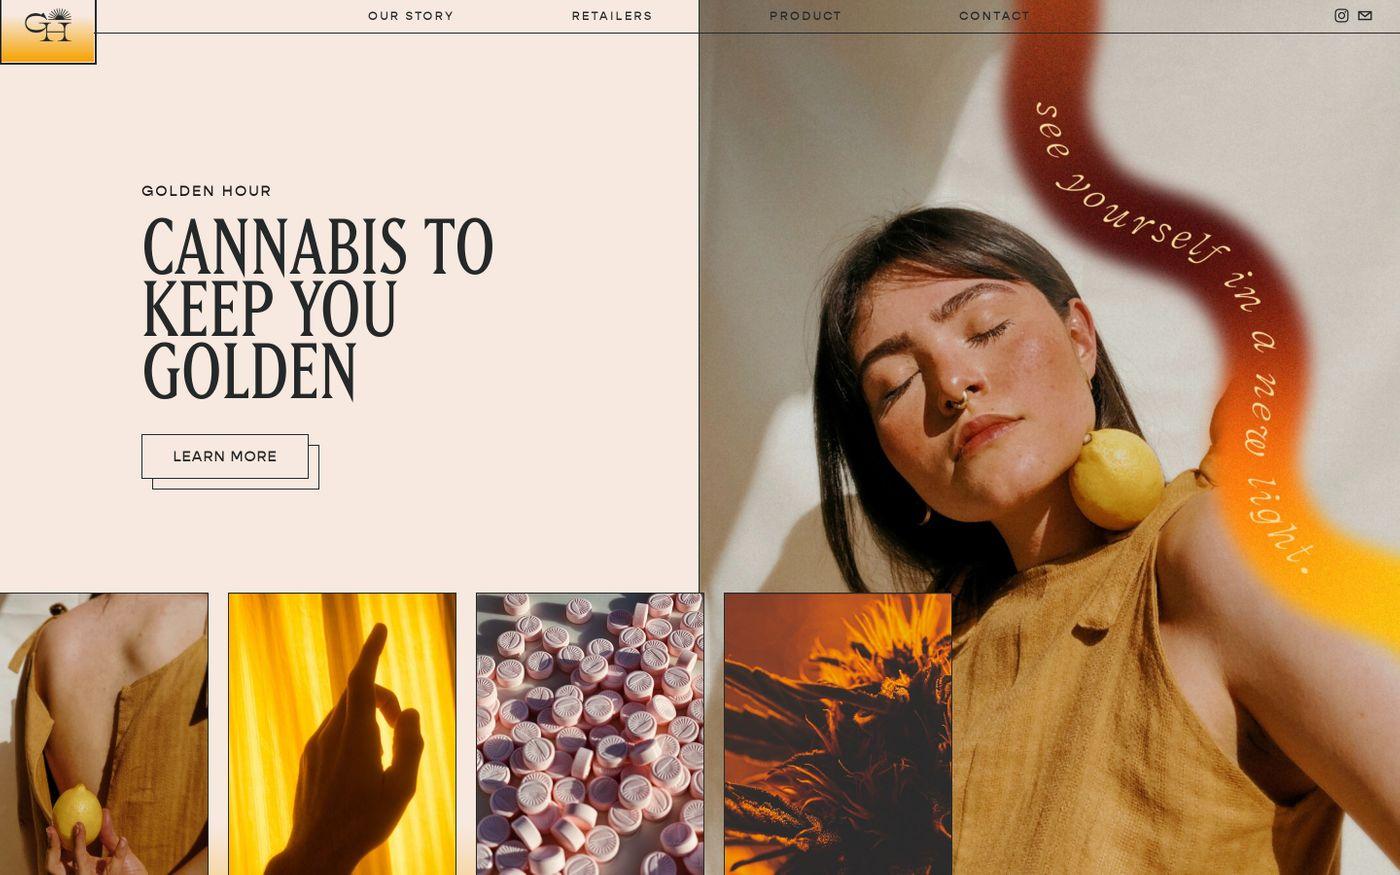 Screenshot of Golden hour website